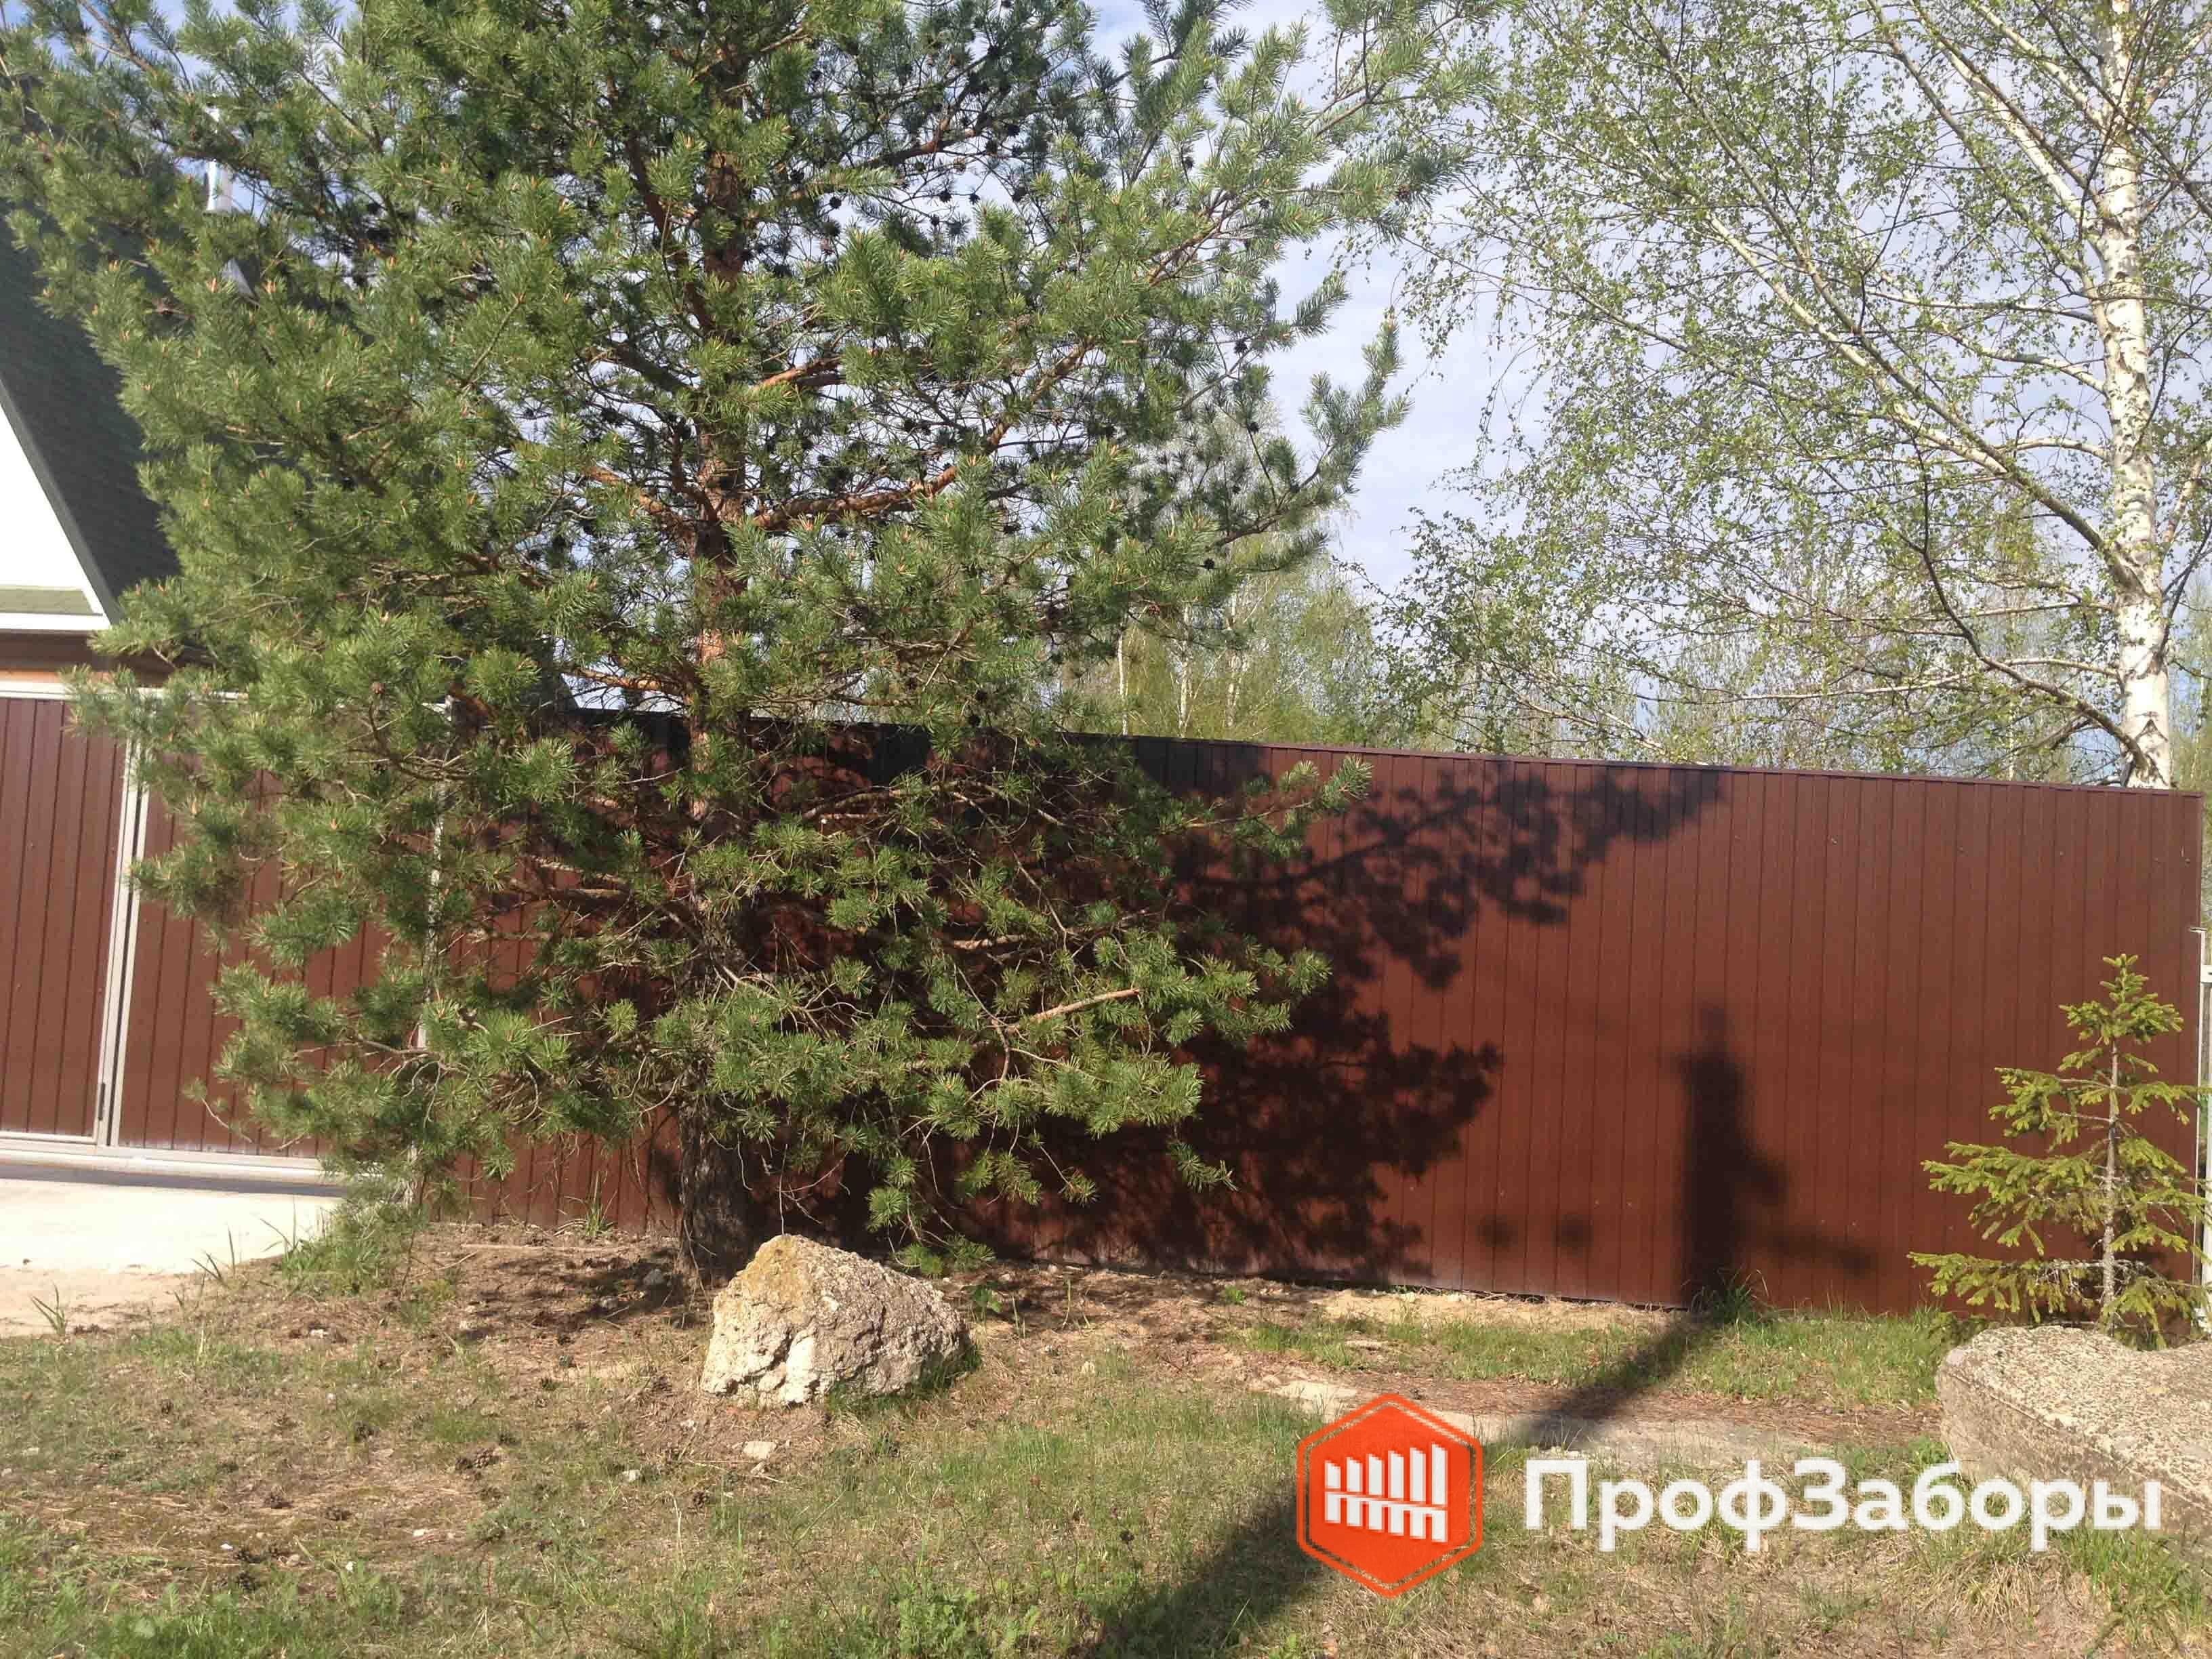 Заборы Из профнастила  - Можайский район. Фото 2